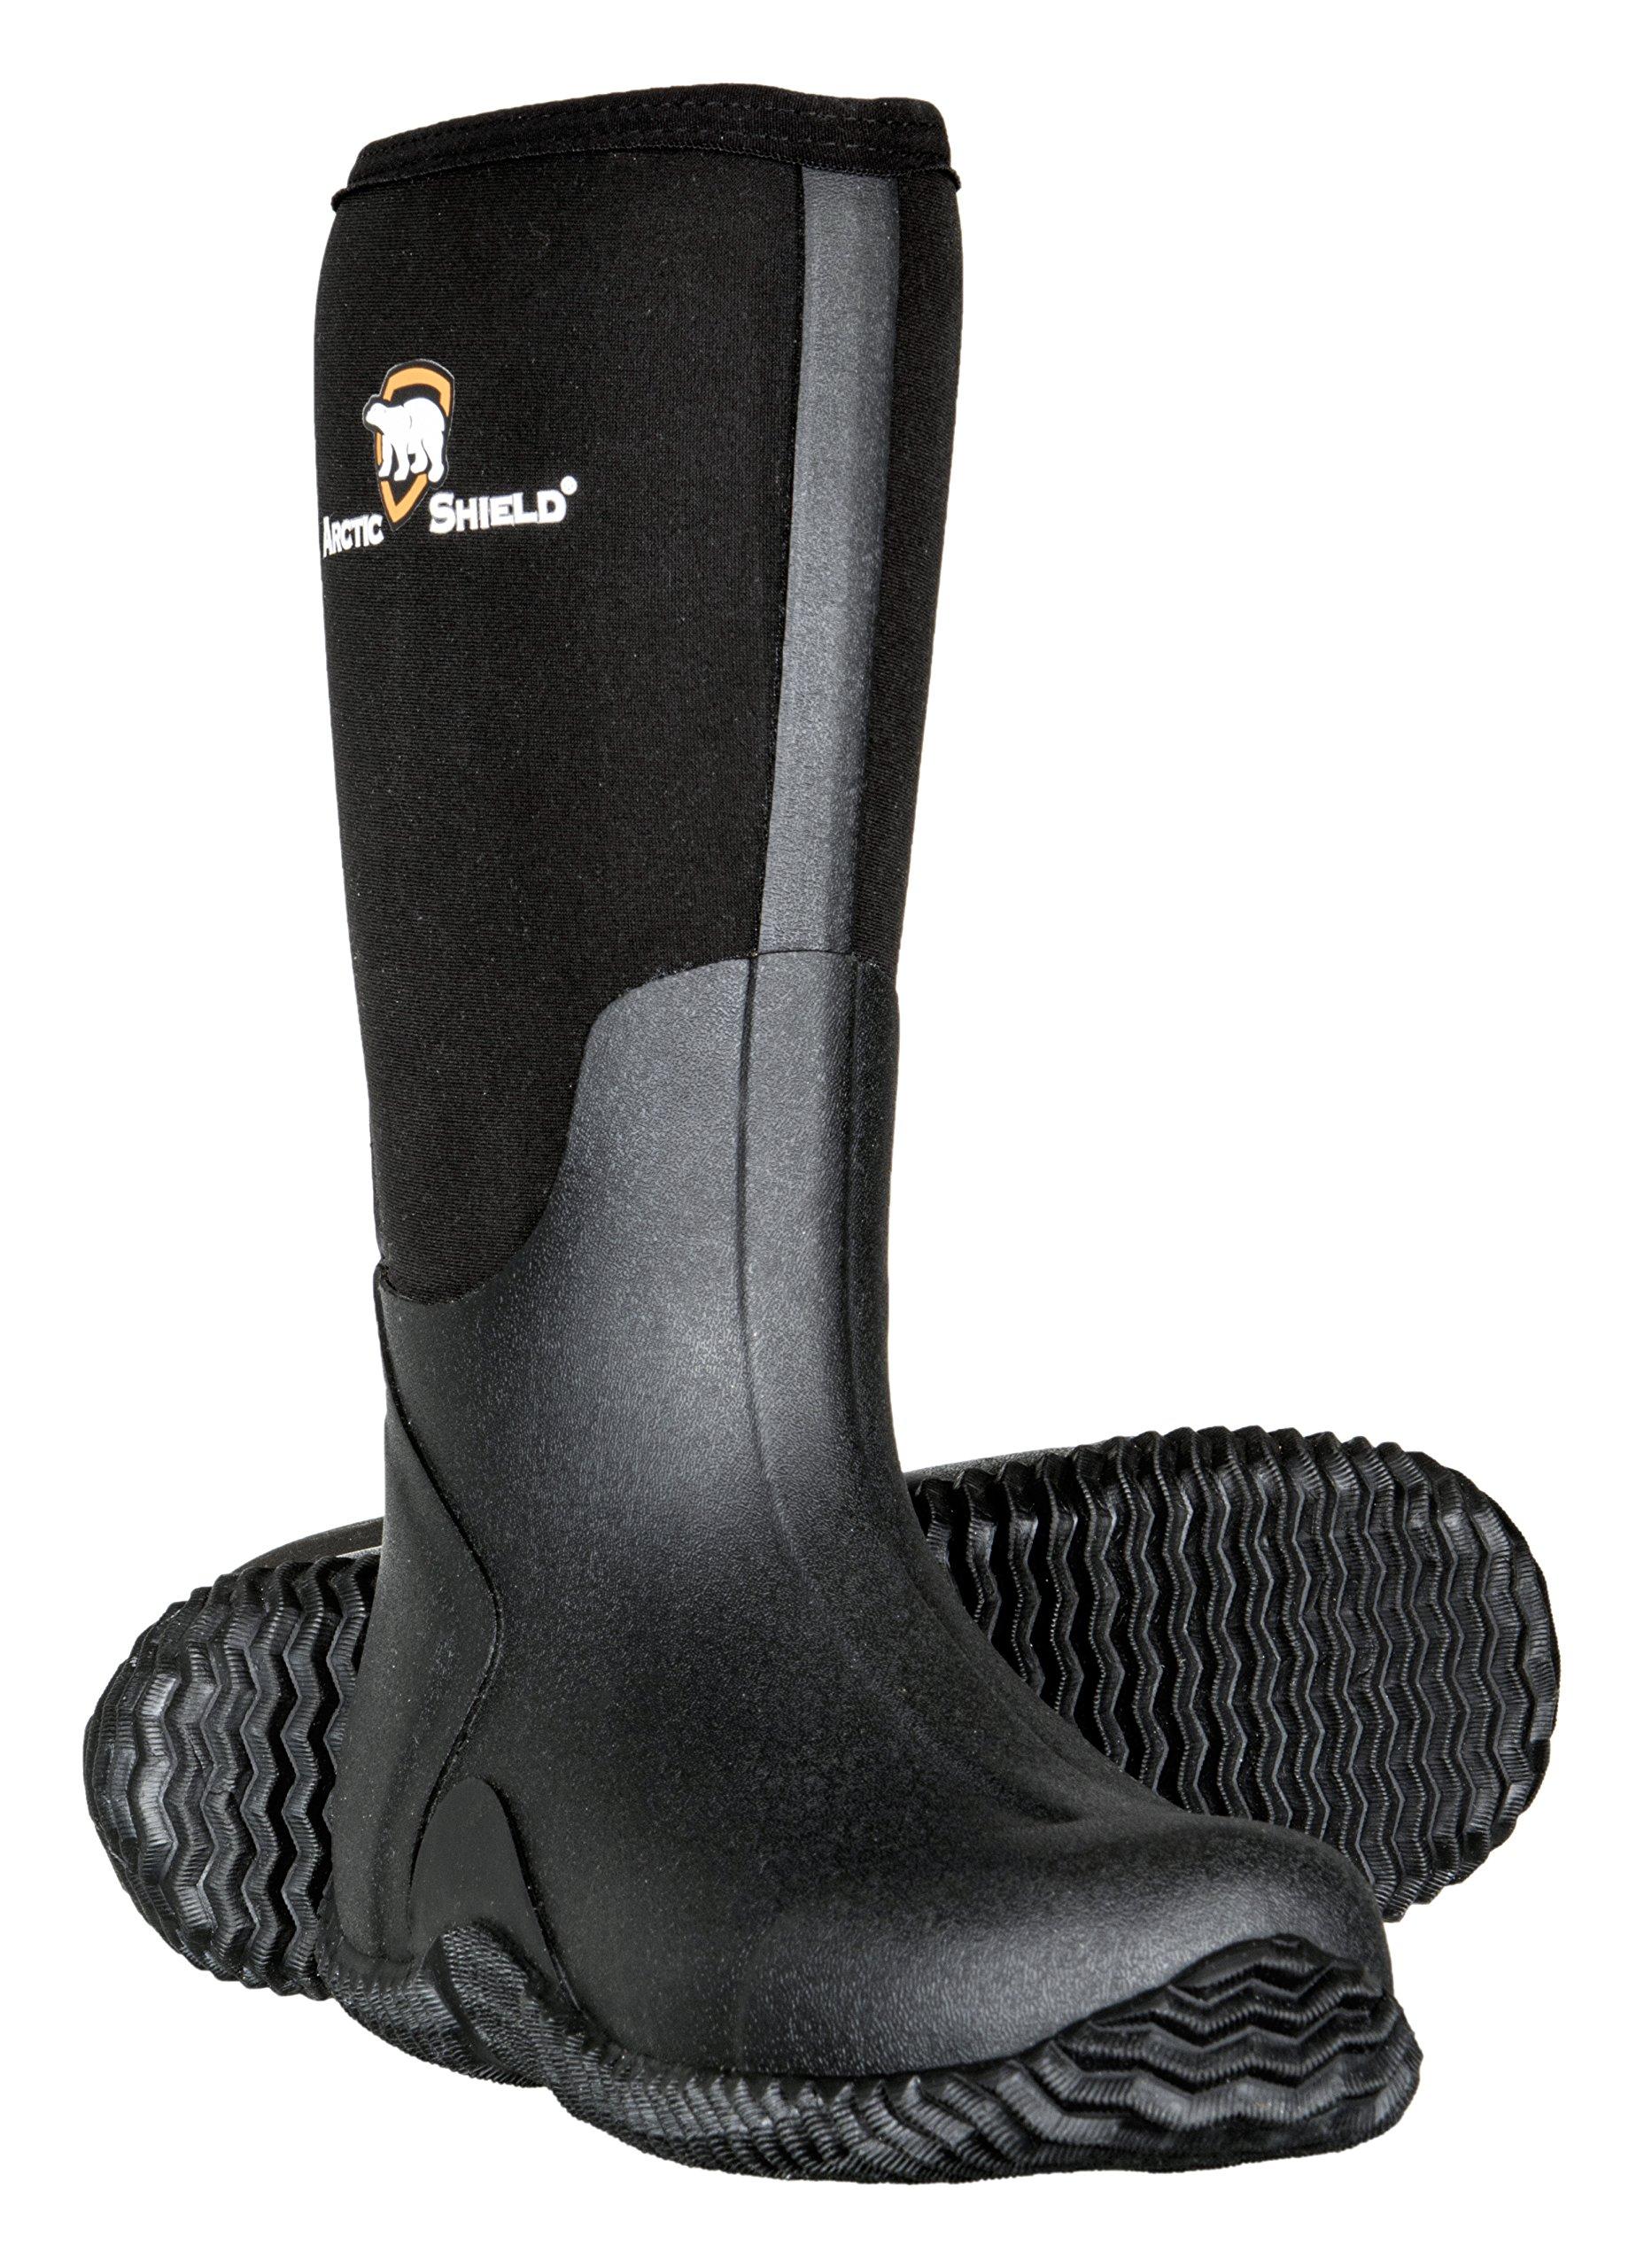 Mens Black Rubber Boots,Black,12 D(M) US by ArcticShield